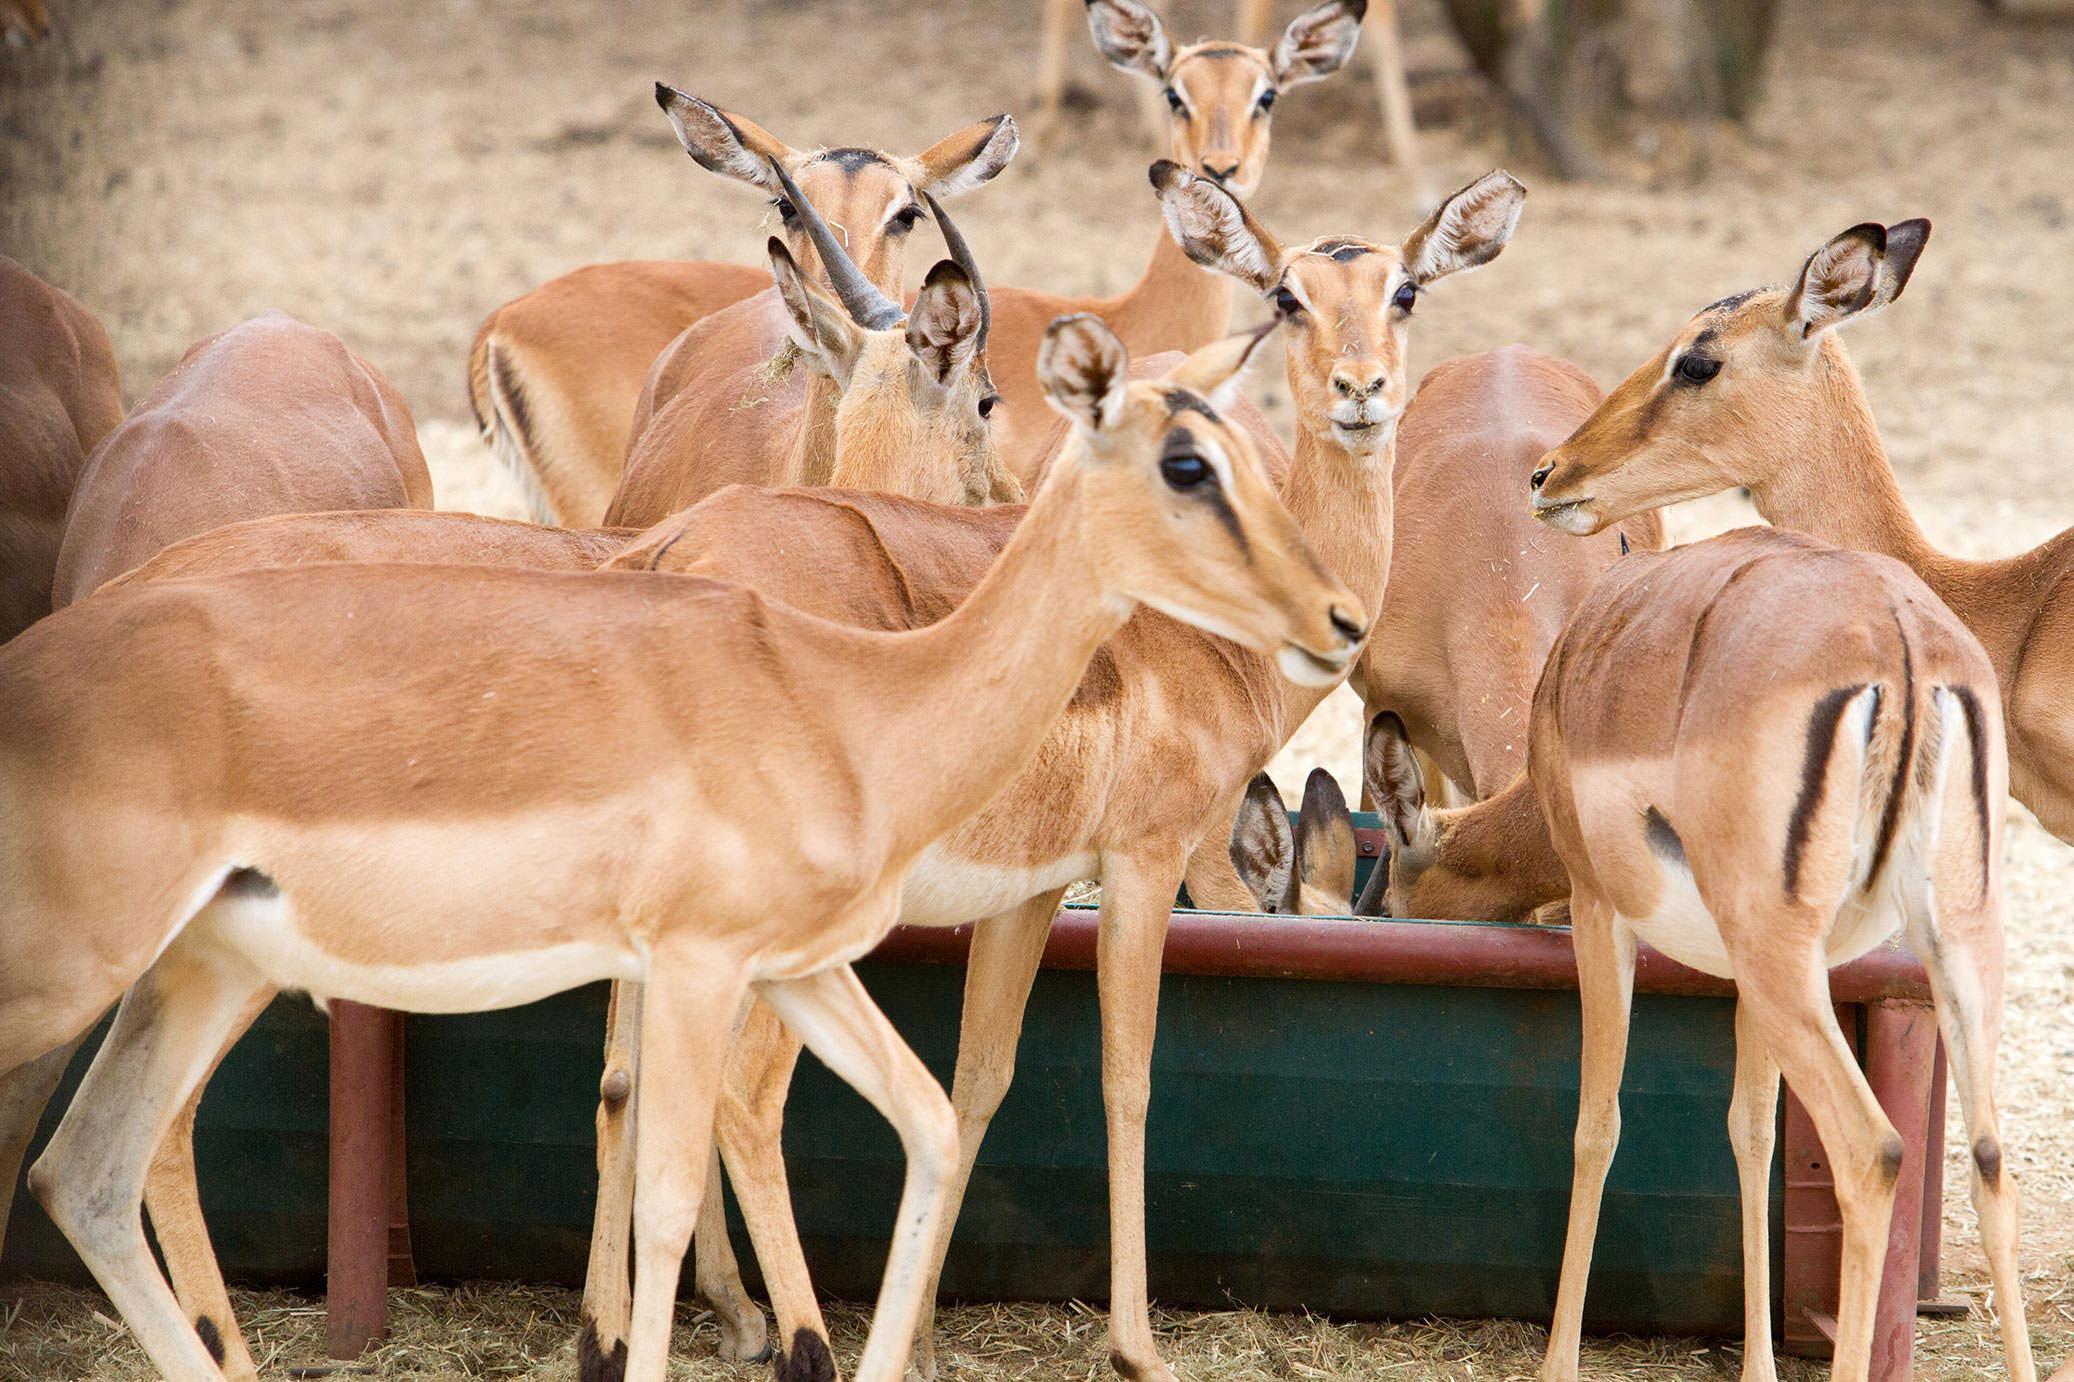 amanzi private game reserve - Bokke 6 - Amanzi Private Game Reserve